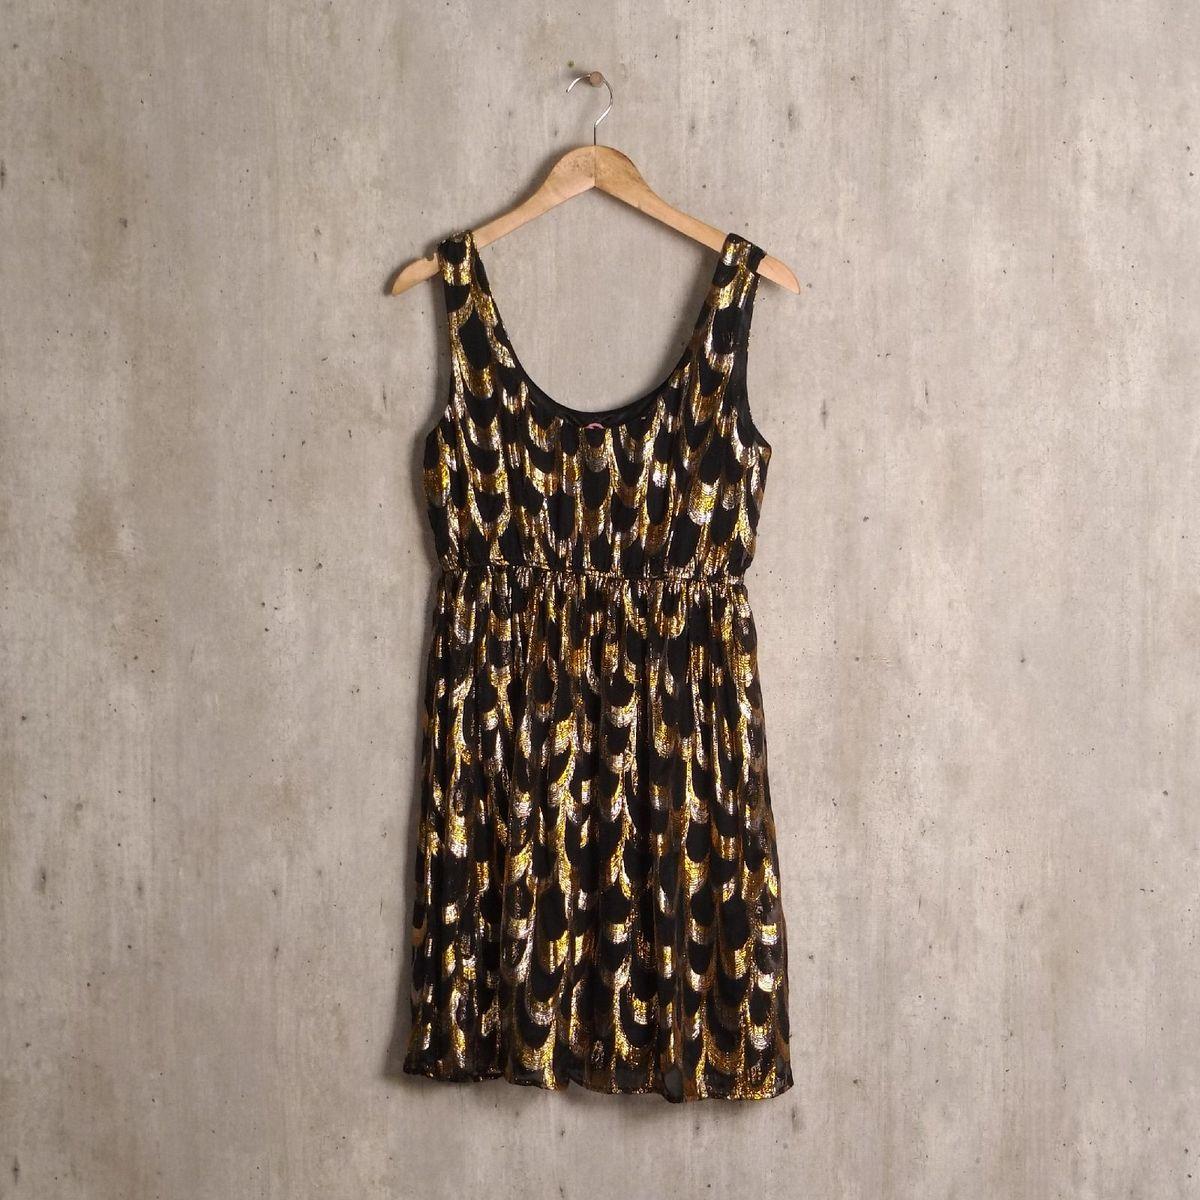 vestido preto e dourado h&m - vestidos h&m